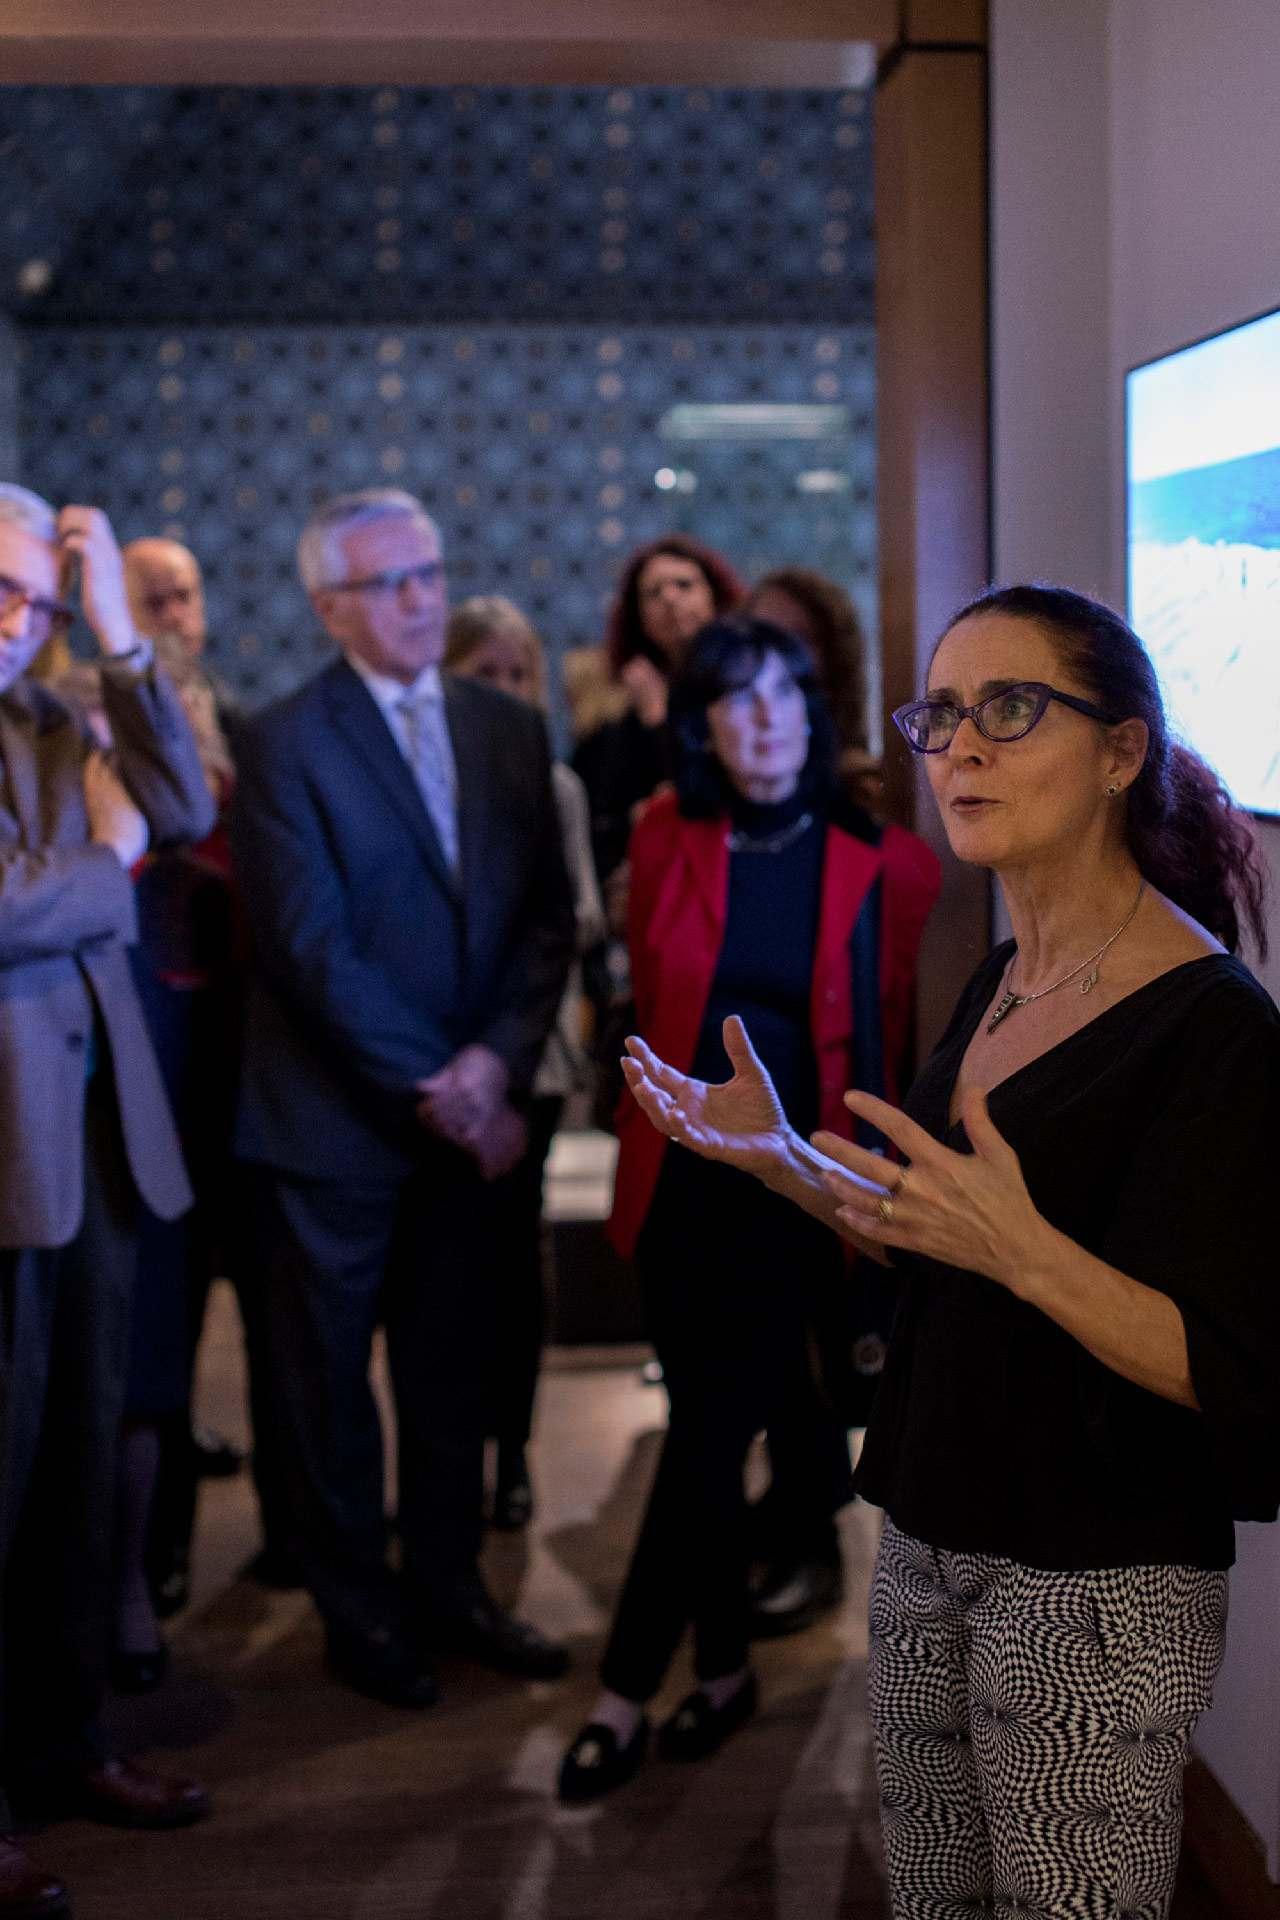 Membres du Cercle Prestige du Musée des beaux-arts de Montréal lors d'un événement en novembre 2019. Photo © Sébastien Roy